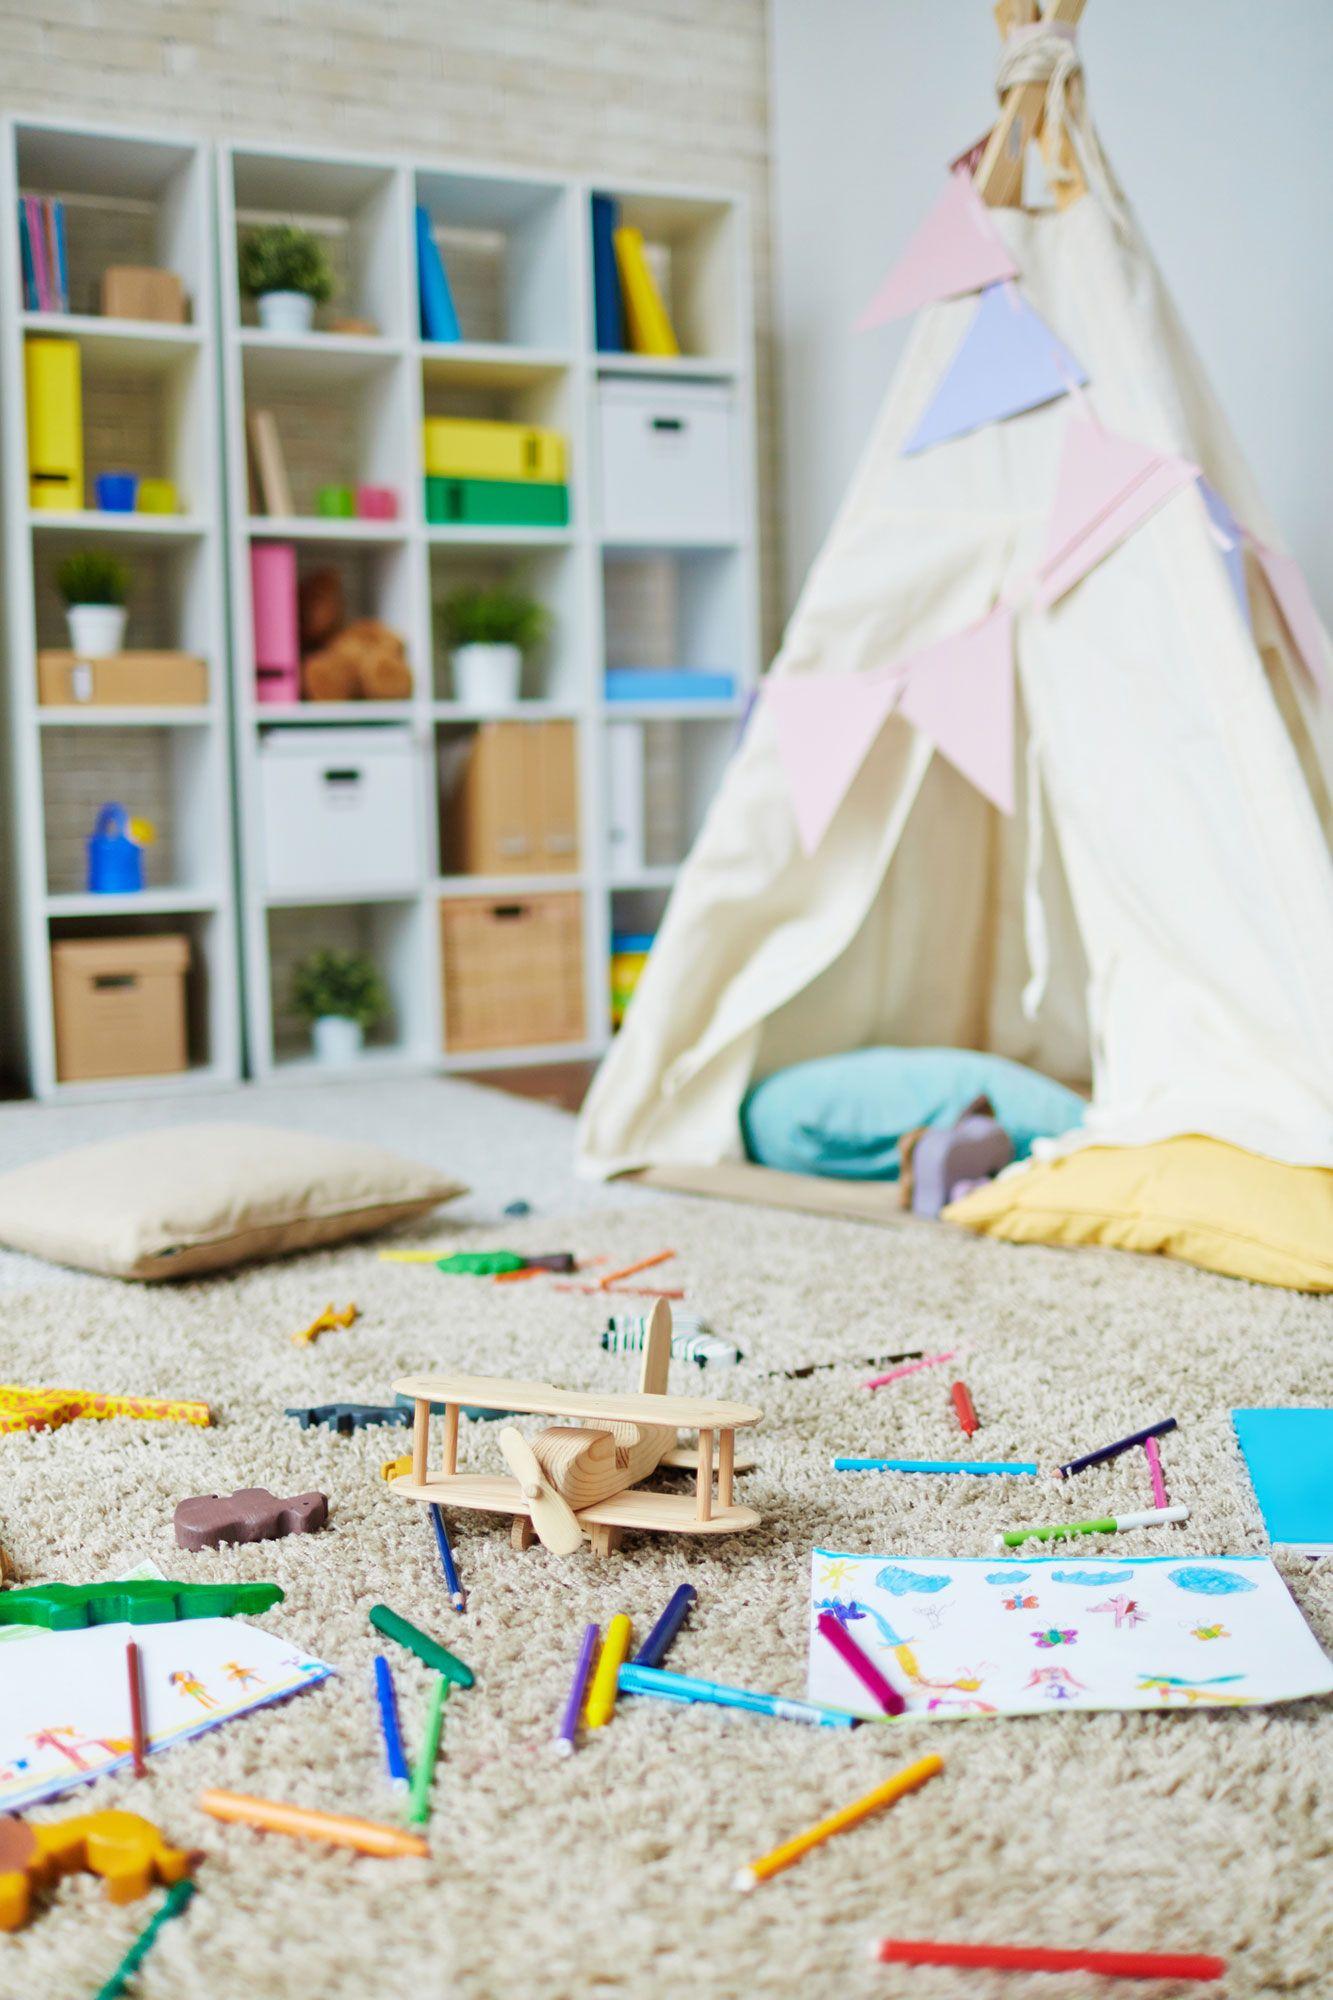 Tipis indiens pour décorer les chambres d'enfants